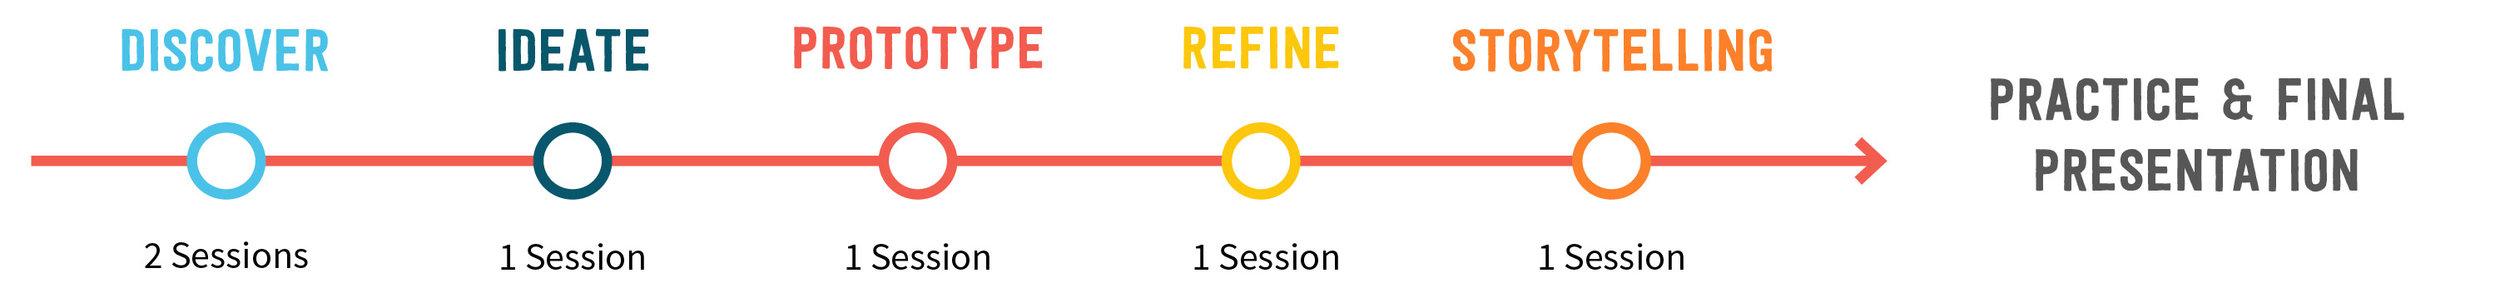 sessions_timeline.jpg